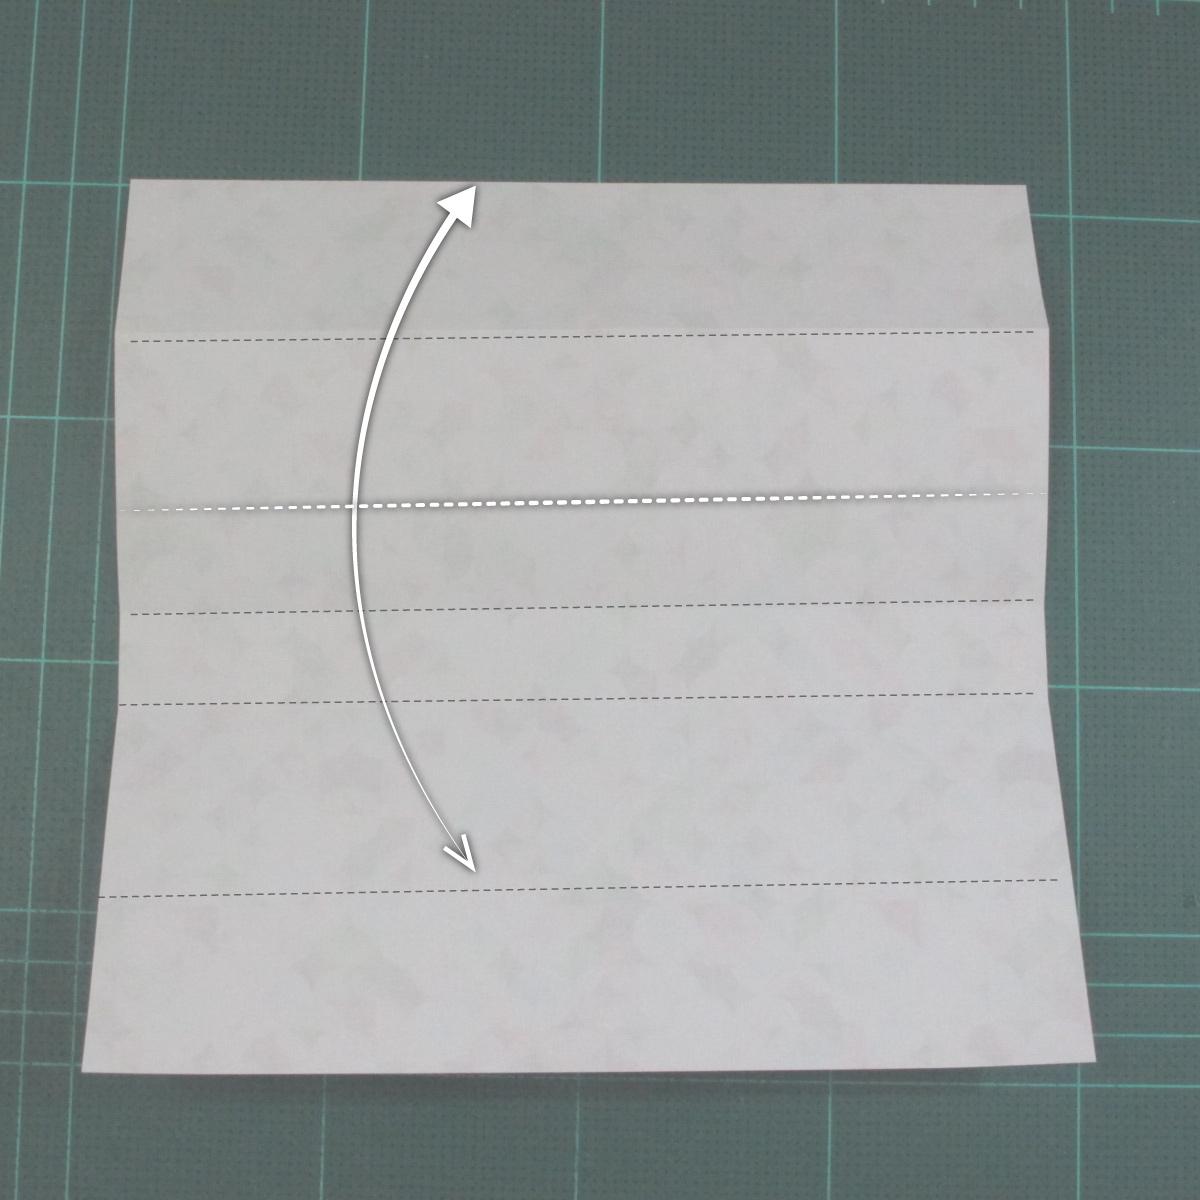 วิธีพับกล่องของขวัญแบบมีฝาปิด (Origami Present Box With Lid) 007